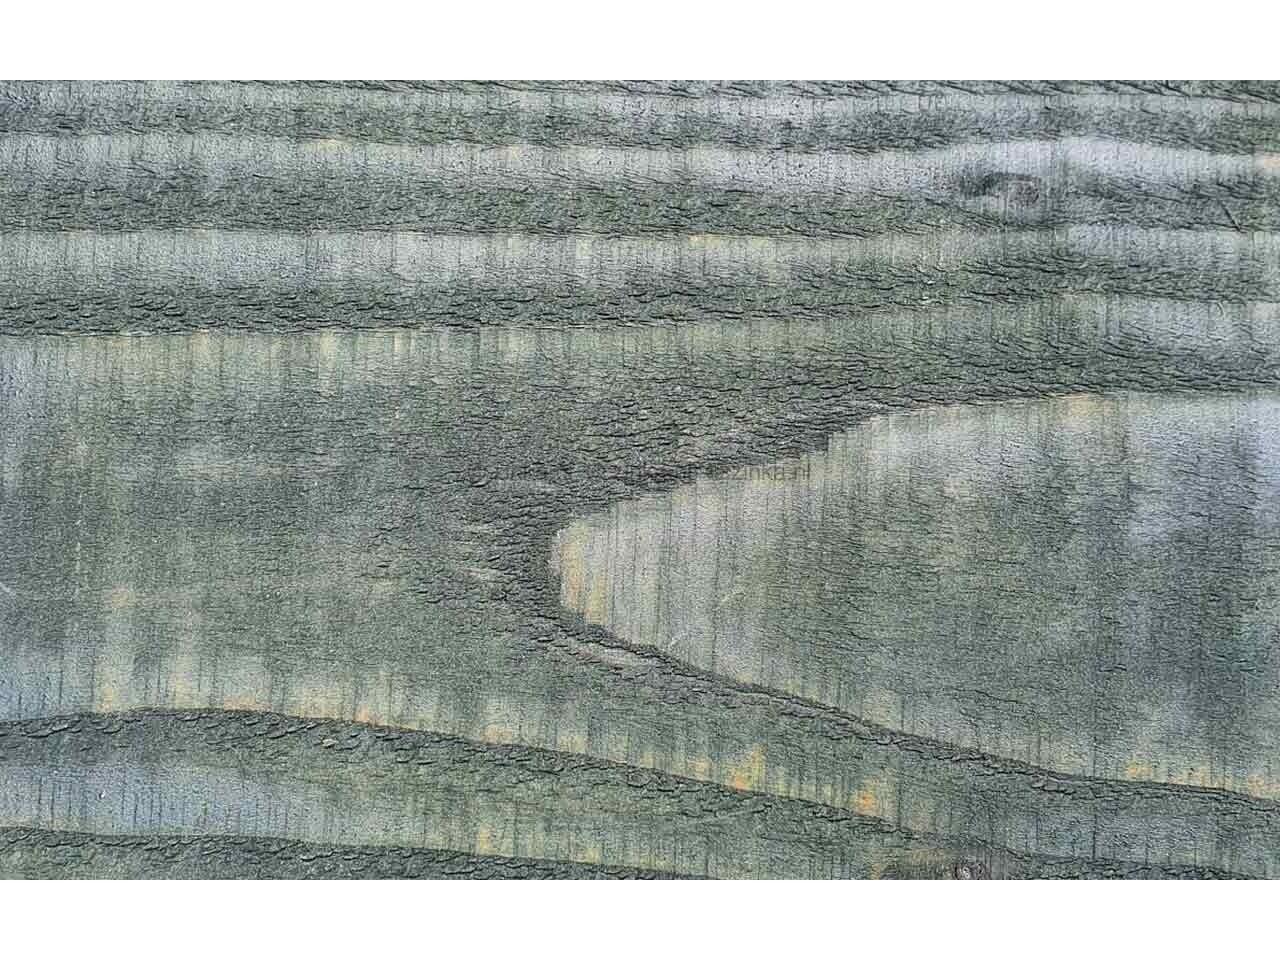 Dennegroen induline buitenhout